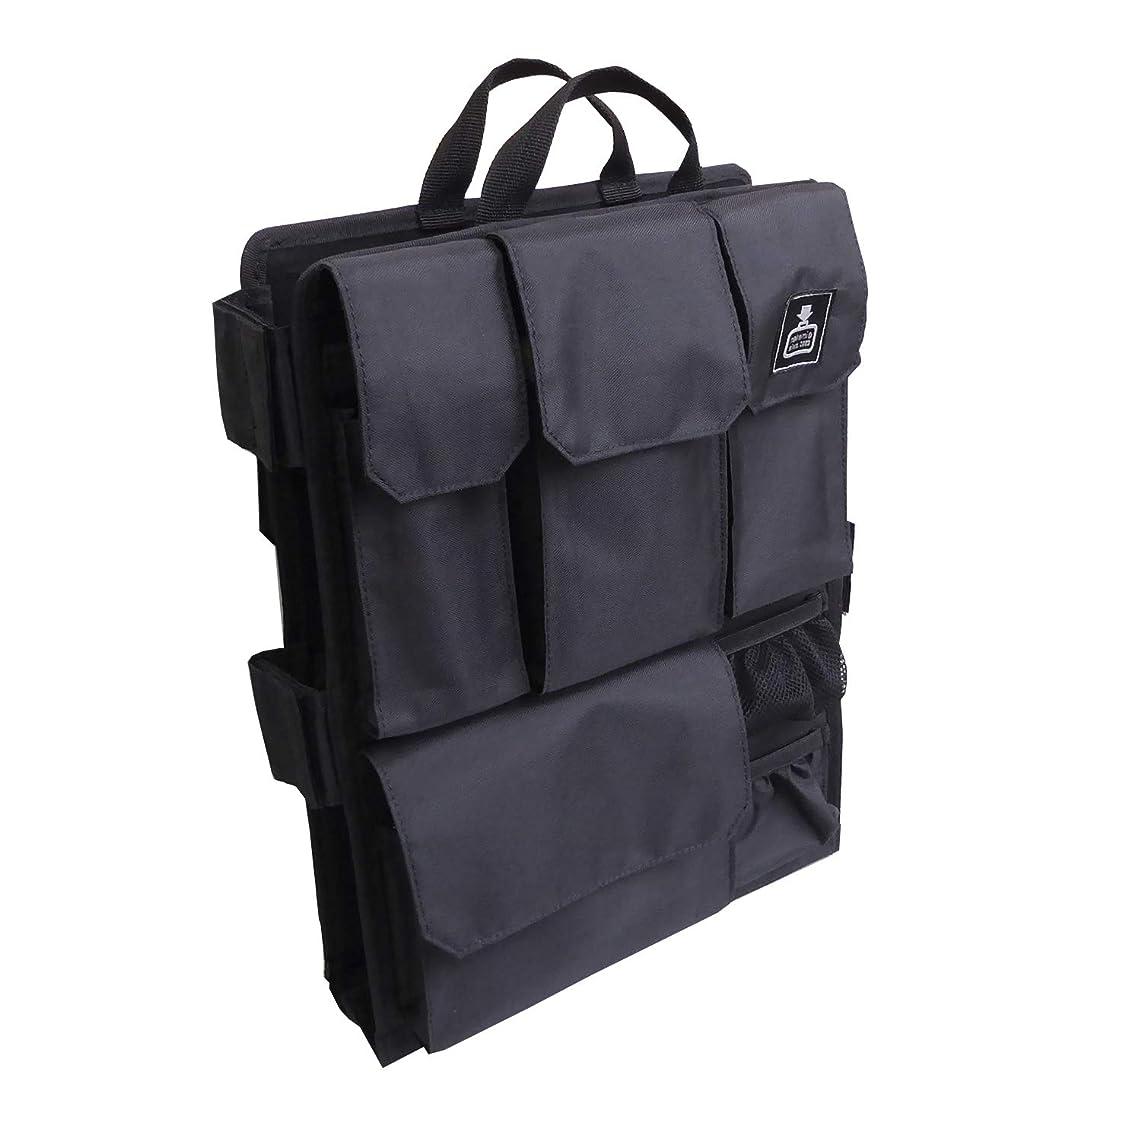 イブ倉庫花輪バッグインバッグ リュックの中身Ver.4.0 【カバンの中身】リュック用 多機能インナーバッグ